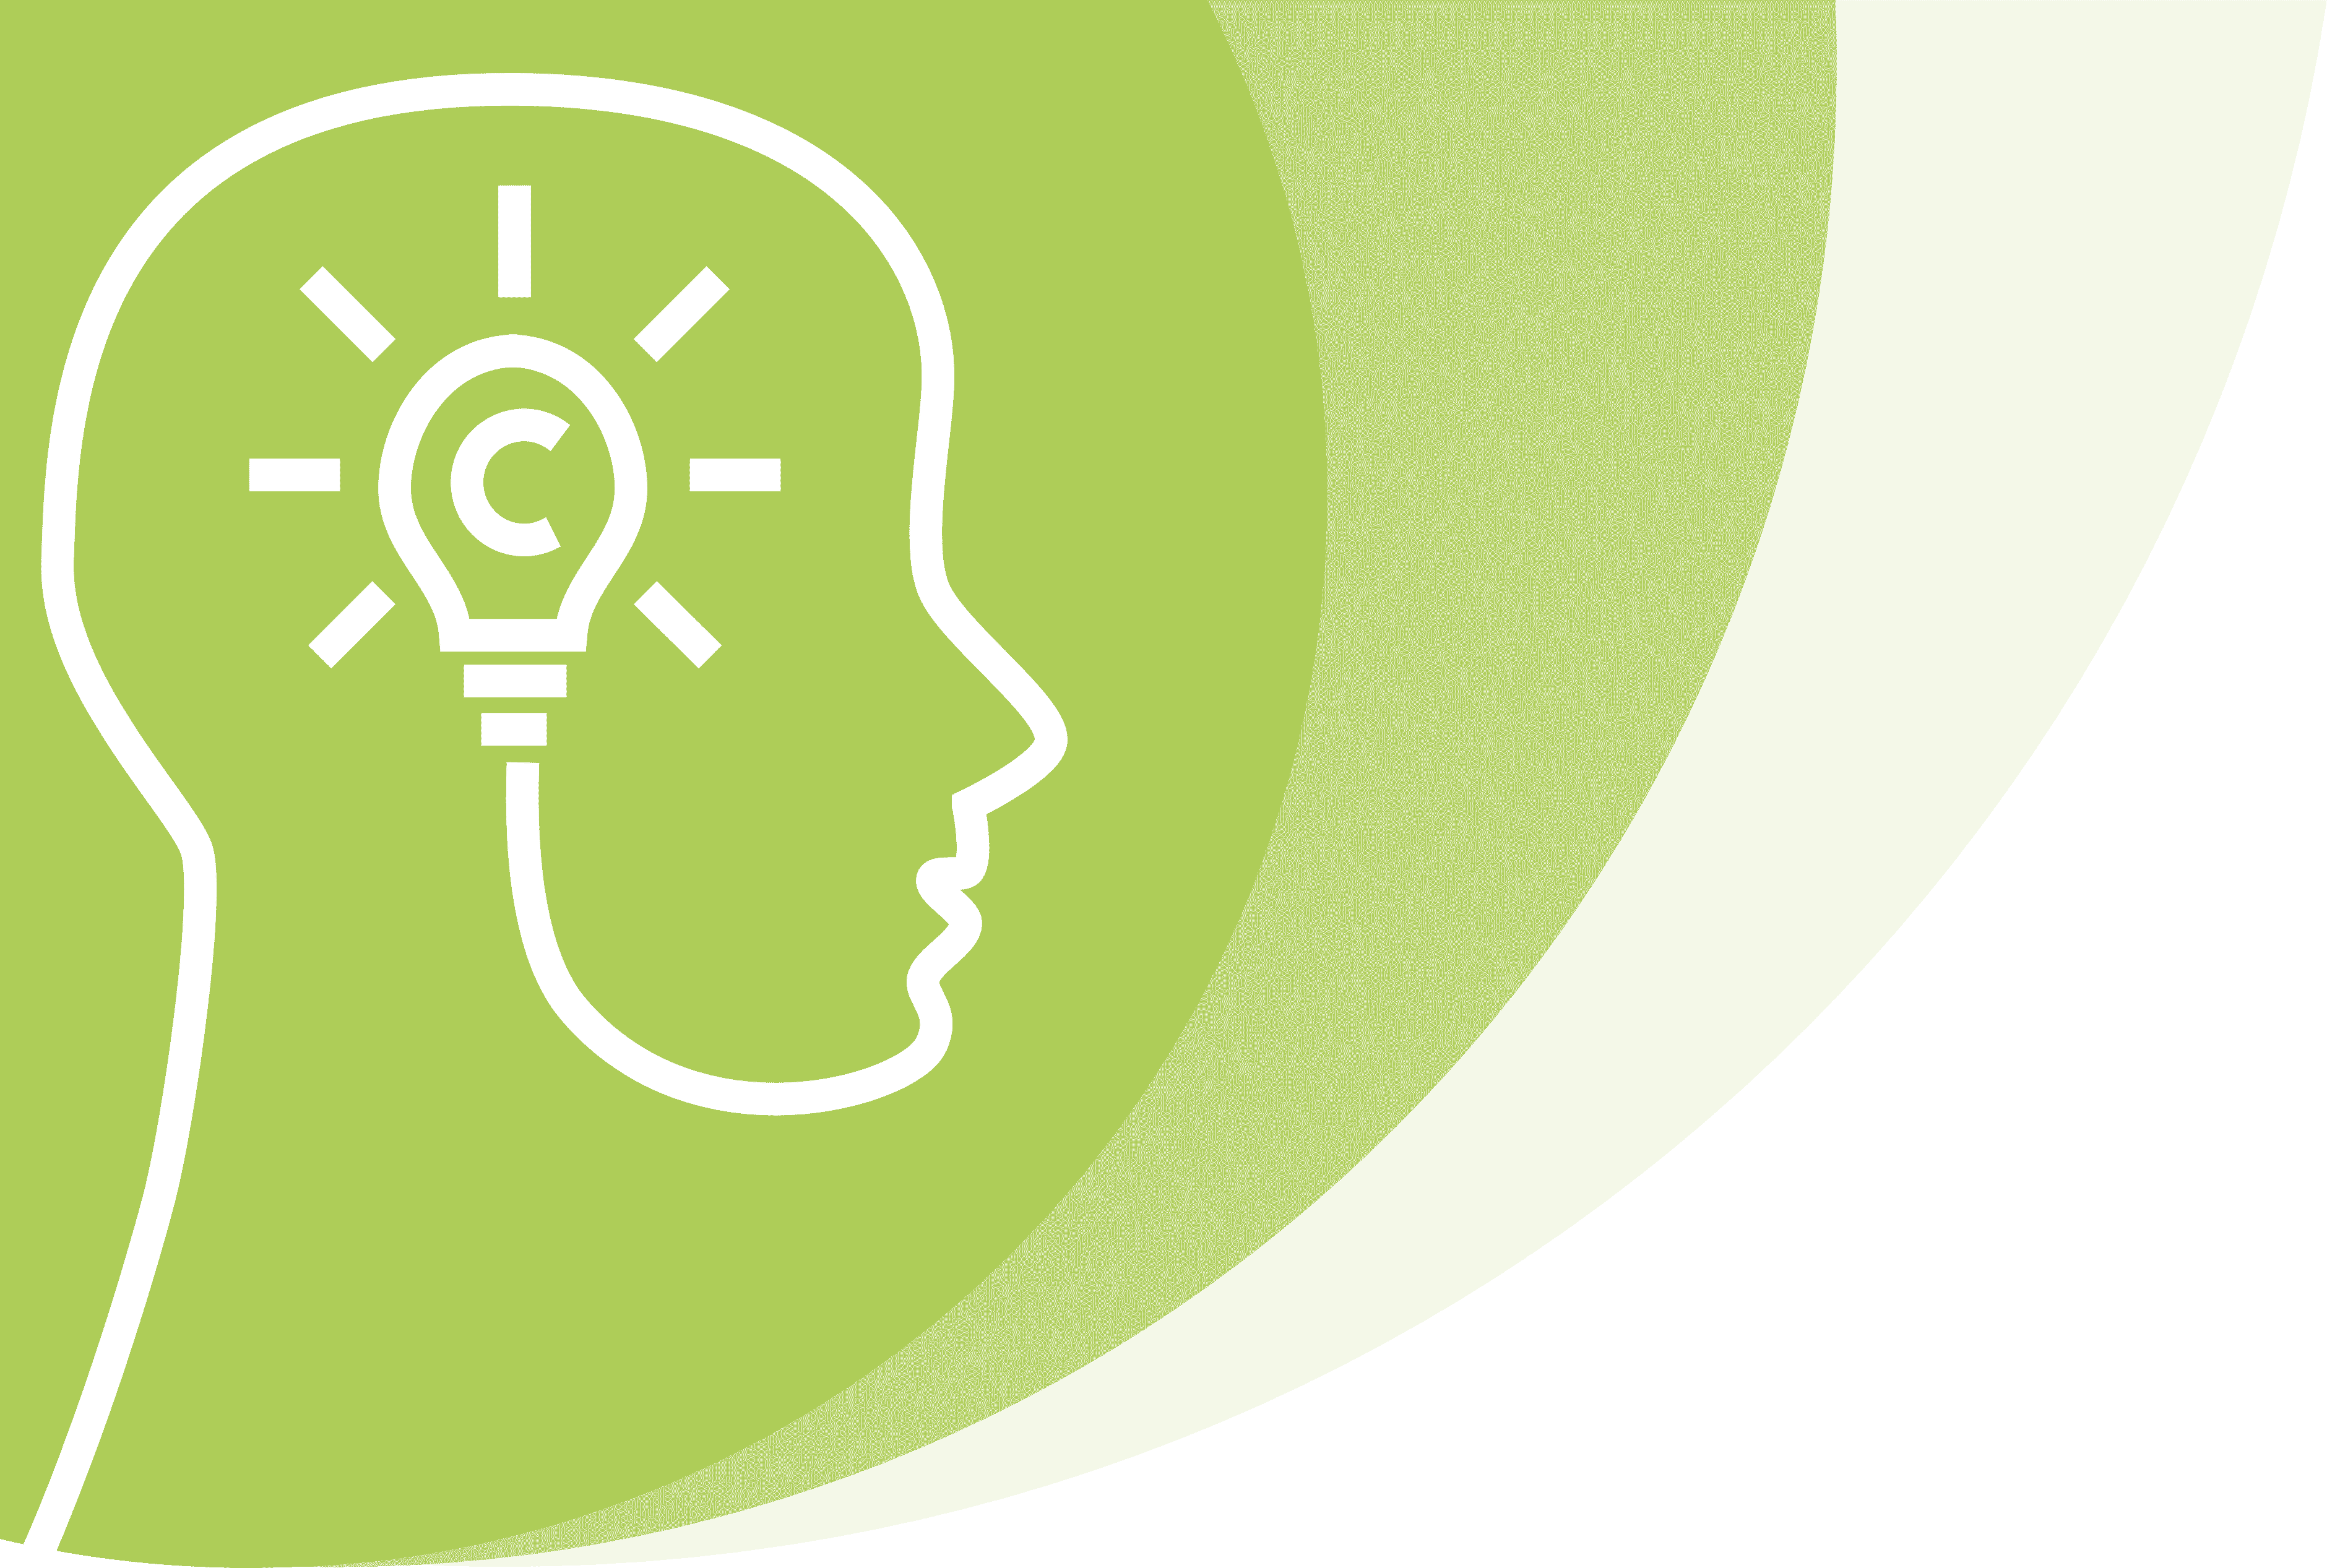 echt:nachhaltig - der Podcast über nachhaltige Berufe, Ideen und Initiativen